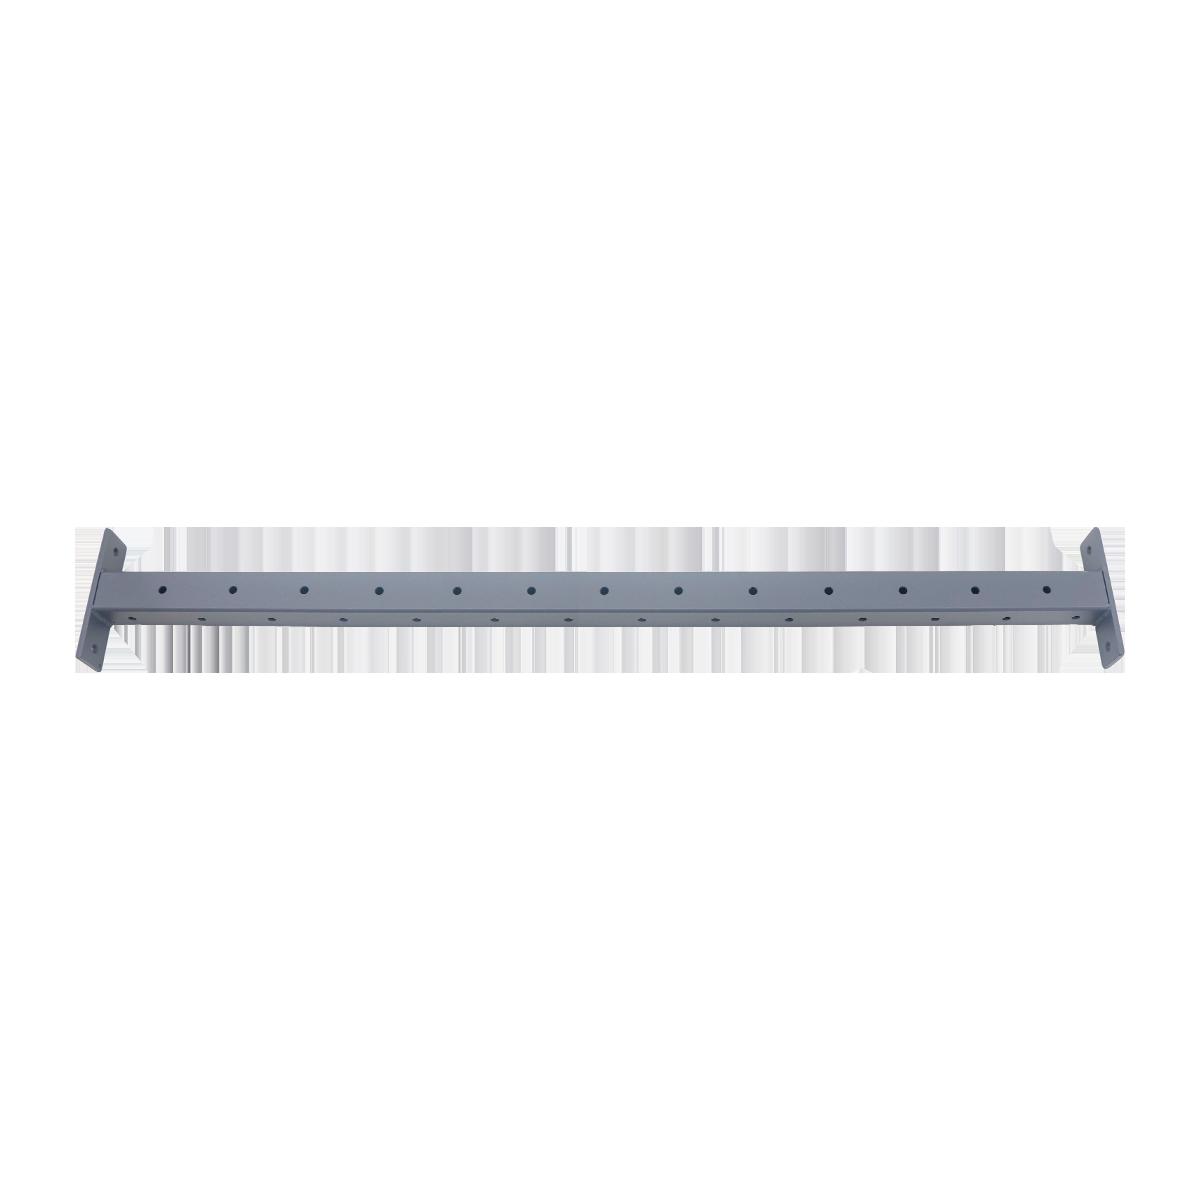 Οριζόντιος-Δοκός-Σύνδεσης-60x60x3-x-1800mm-με-λάμα.png